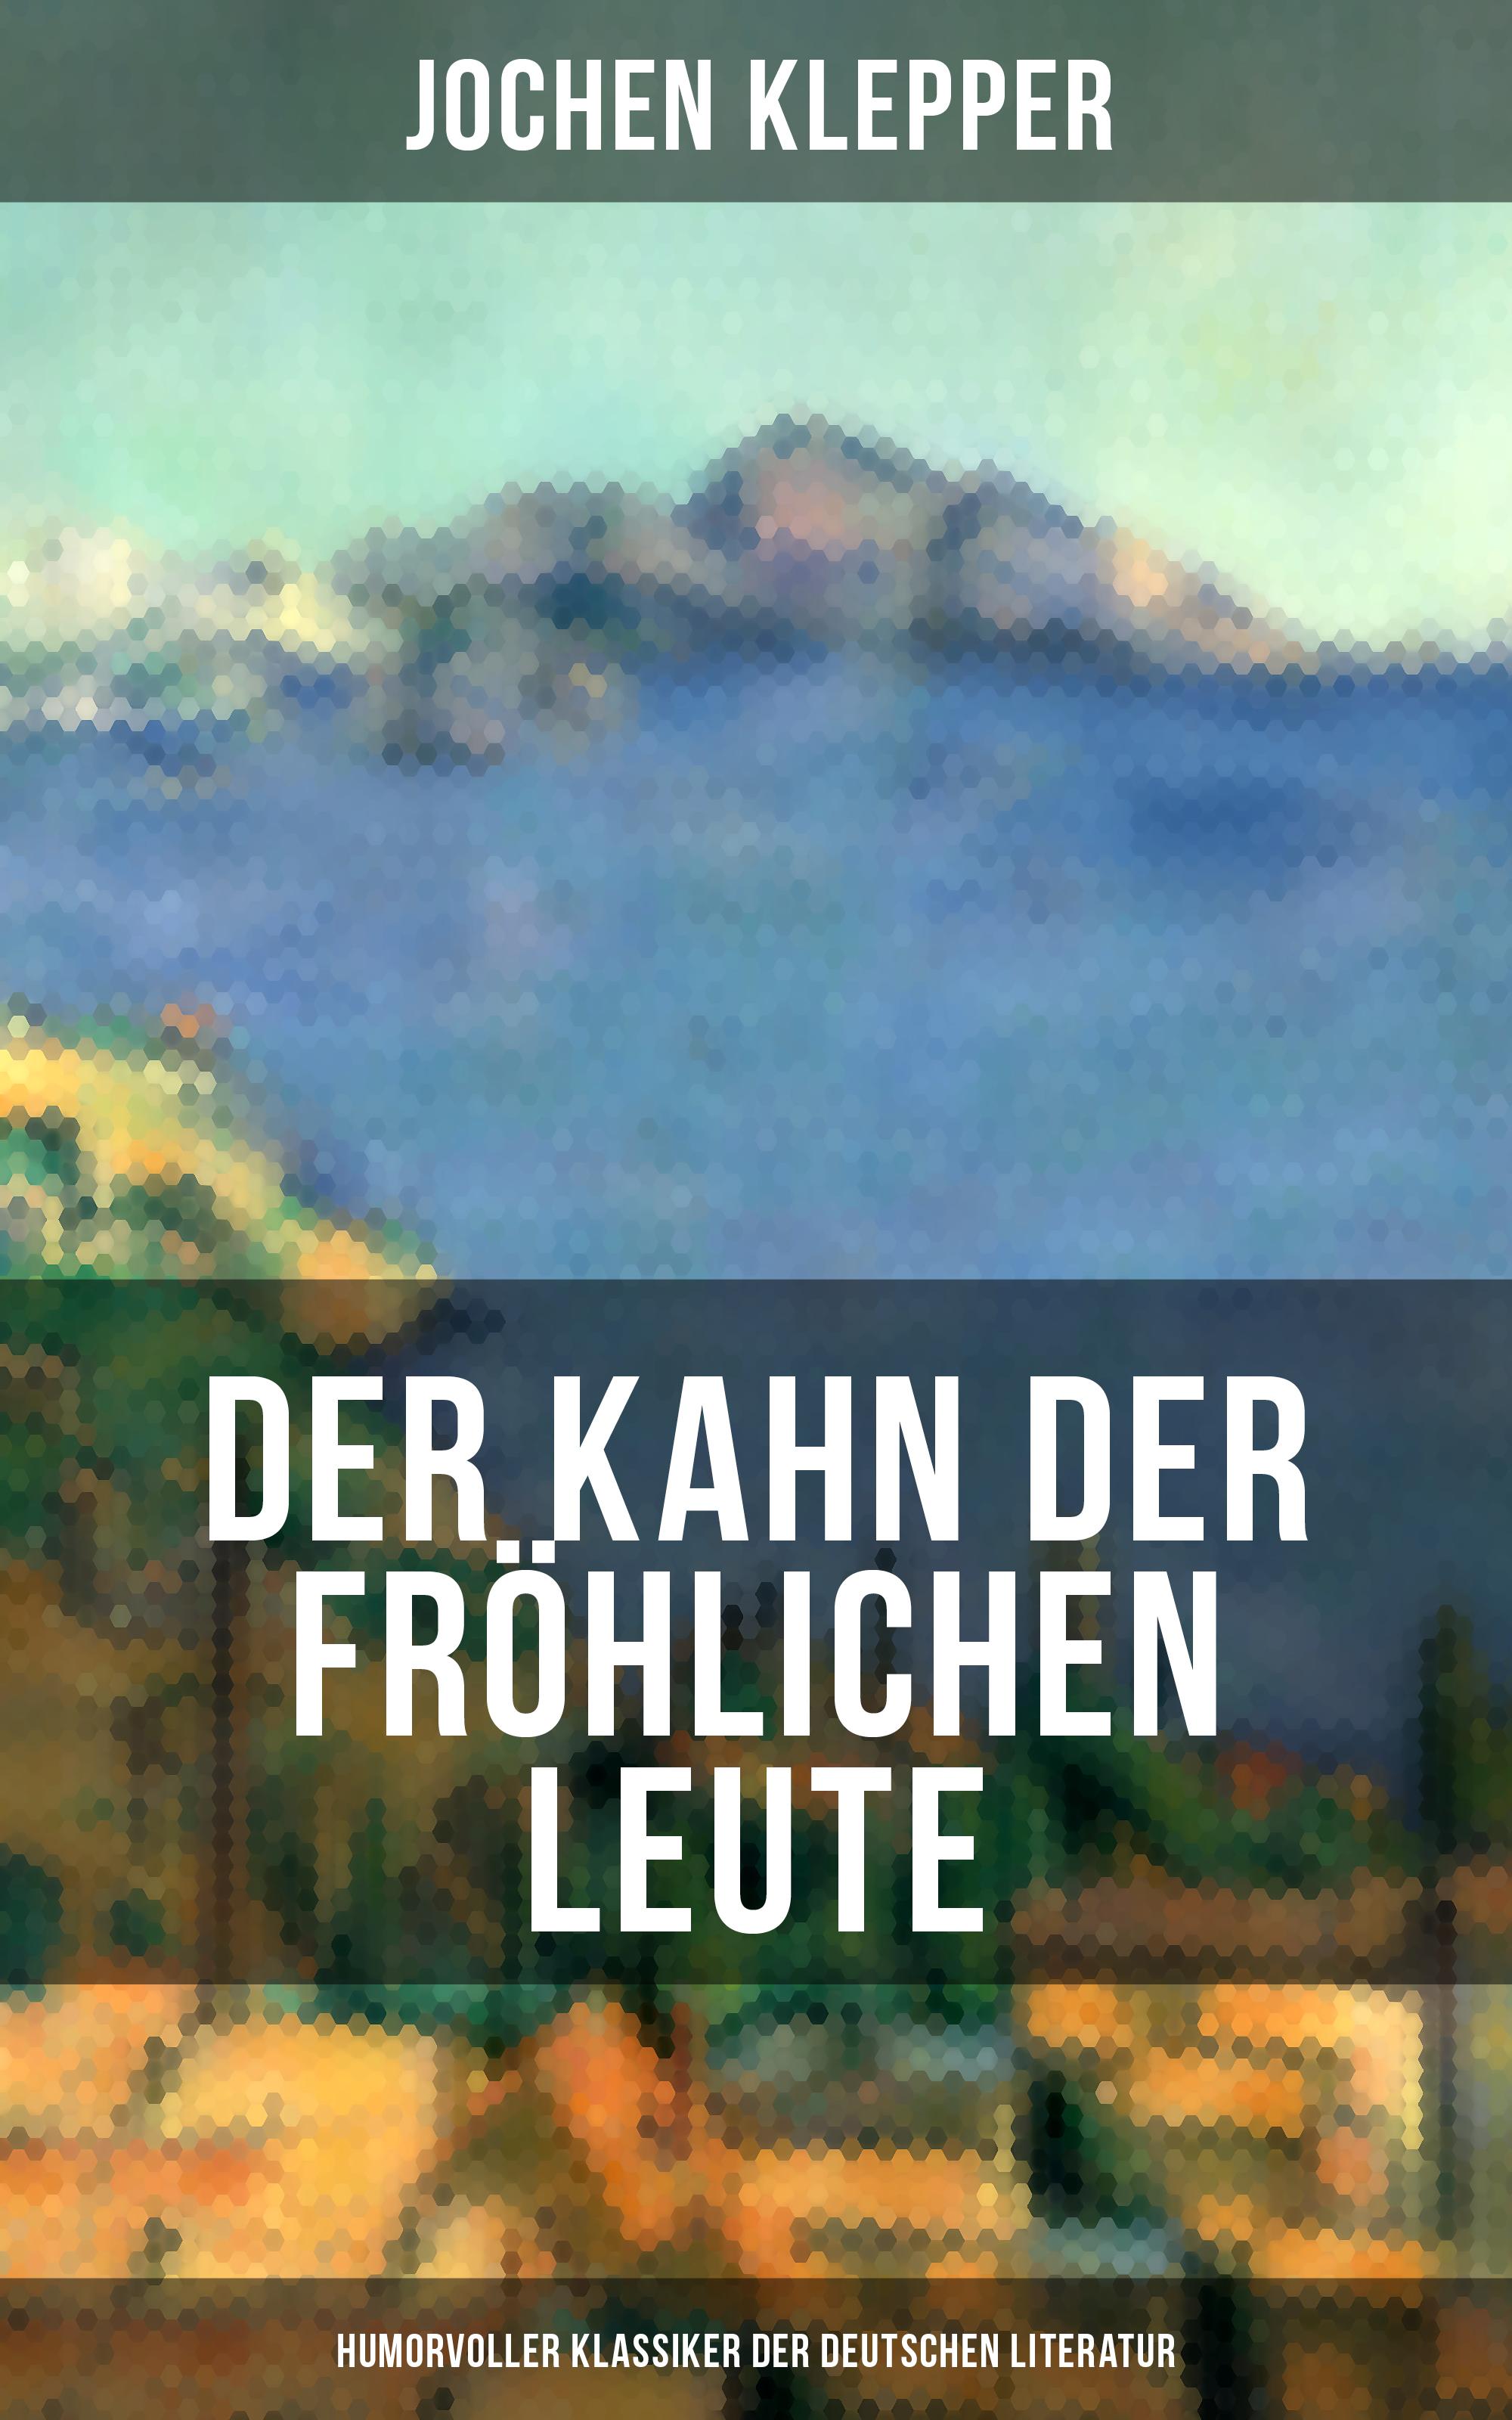 Jochen Klepper Der Kahn der fröhlichen Leute (Humorvoller Klassiker der Deutschen Literatur) gersdorf ernst gotthelf repertorium der gesammten deutschen literatur volume 34 german edition